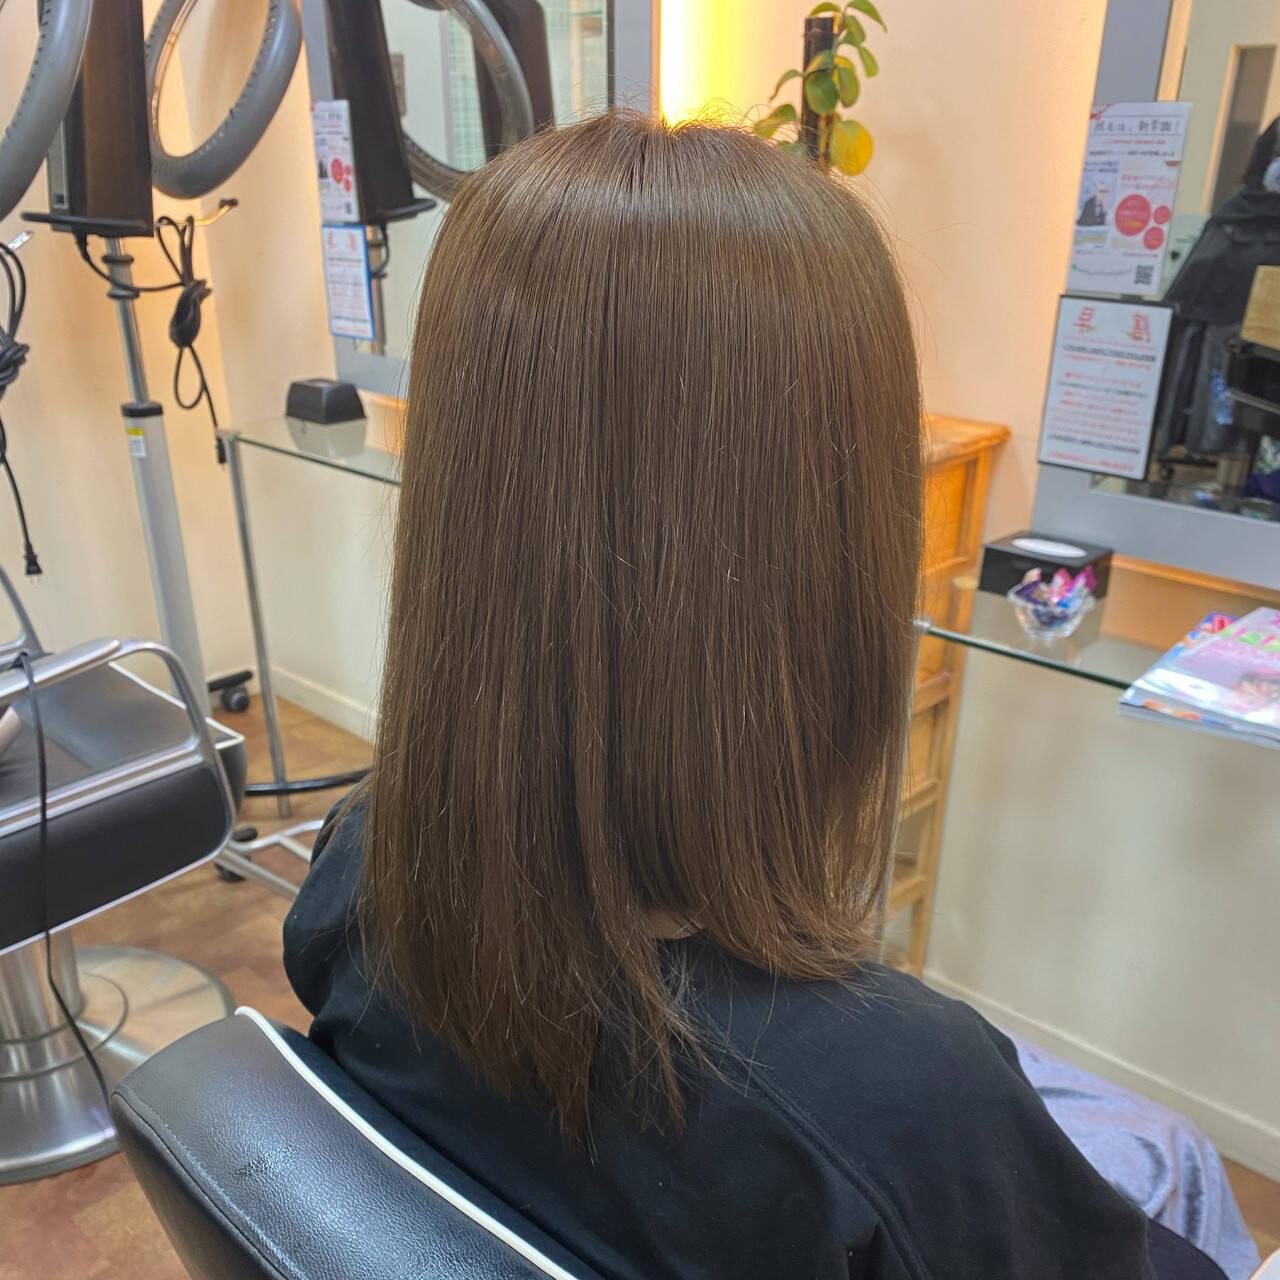 艶髪 ミルクティーベージュ ミルクティー ミルクティーアッシュヘアスタイルや髪型の写真・画像